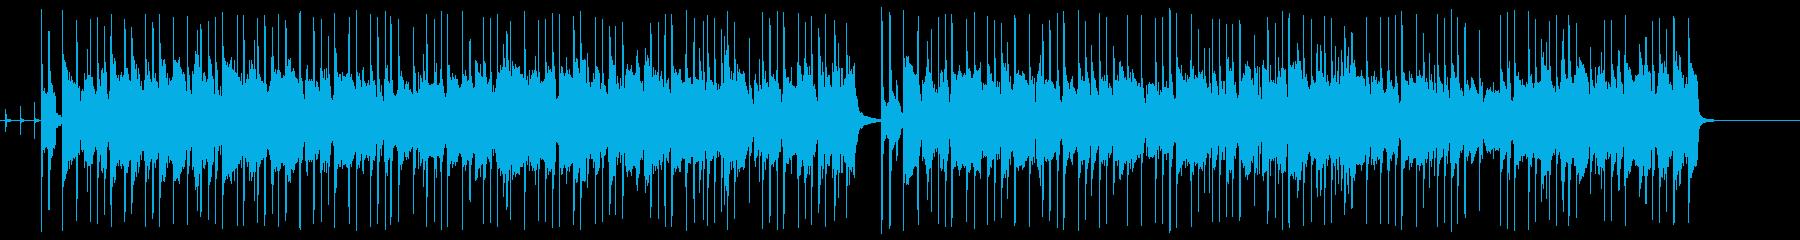 サイケデリックでサイケデリックな1...の再生済みの波形